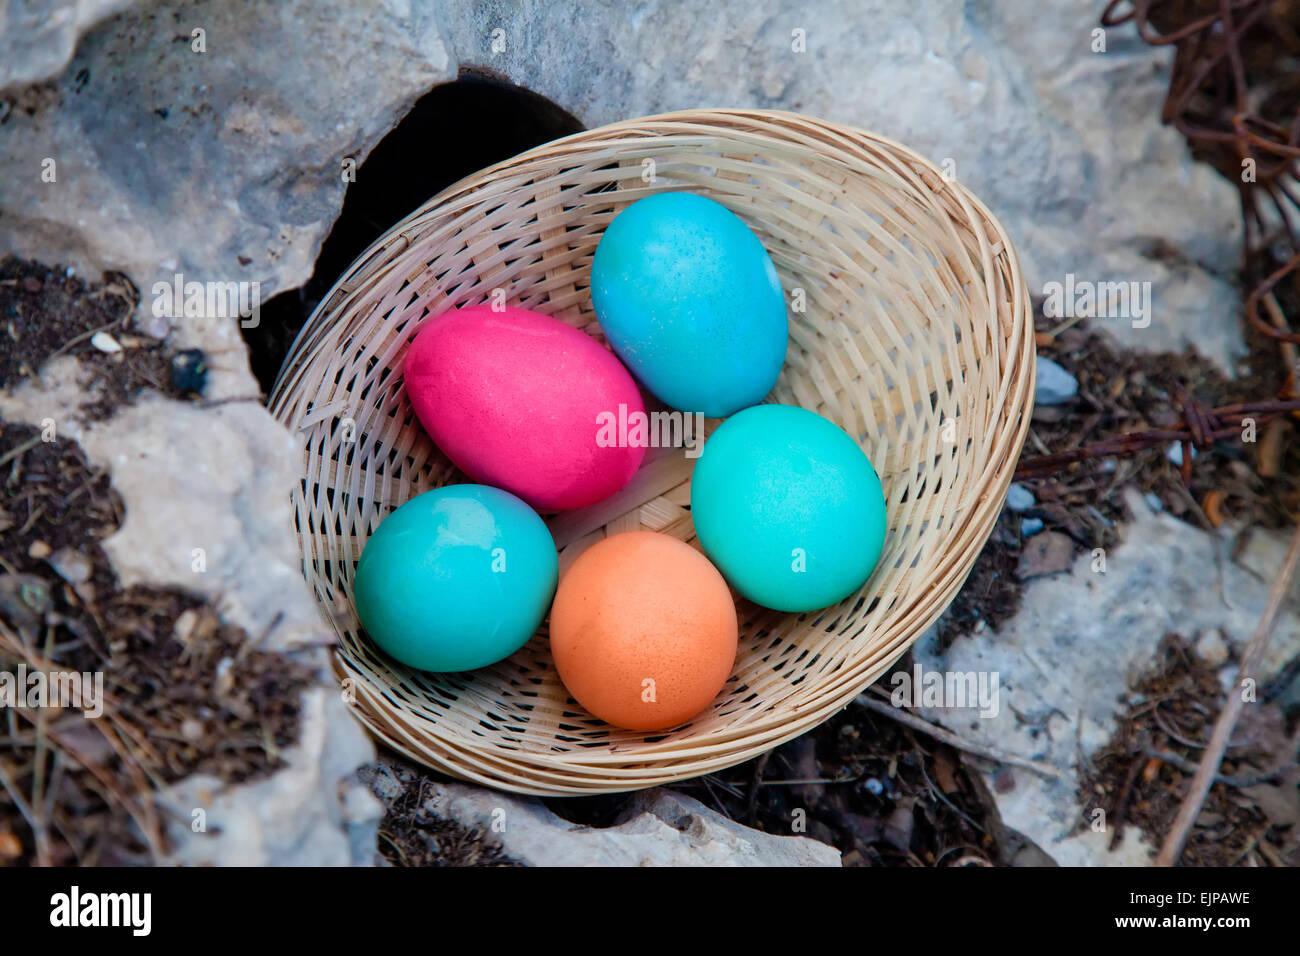 Encontrar un nuevo lugar para esconderse debajo de una roca para la búsqueda del huevo de Pascua Imagen De Stock